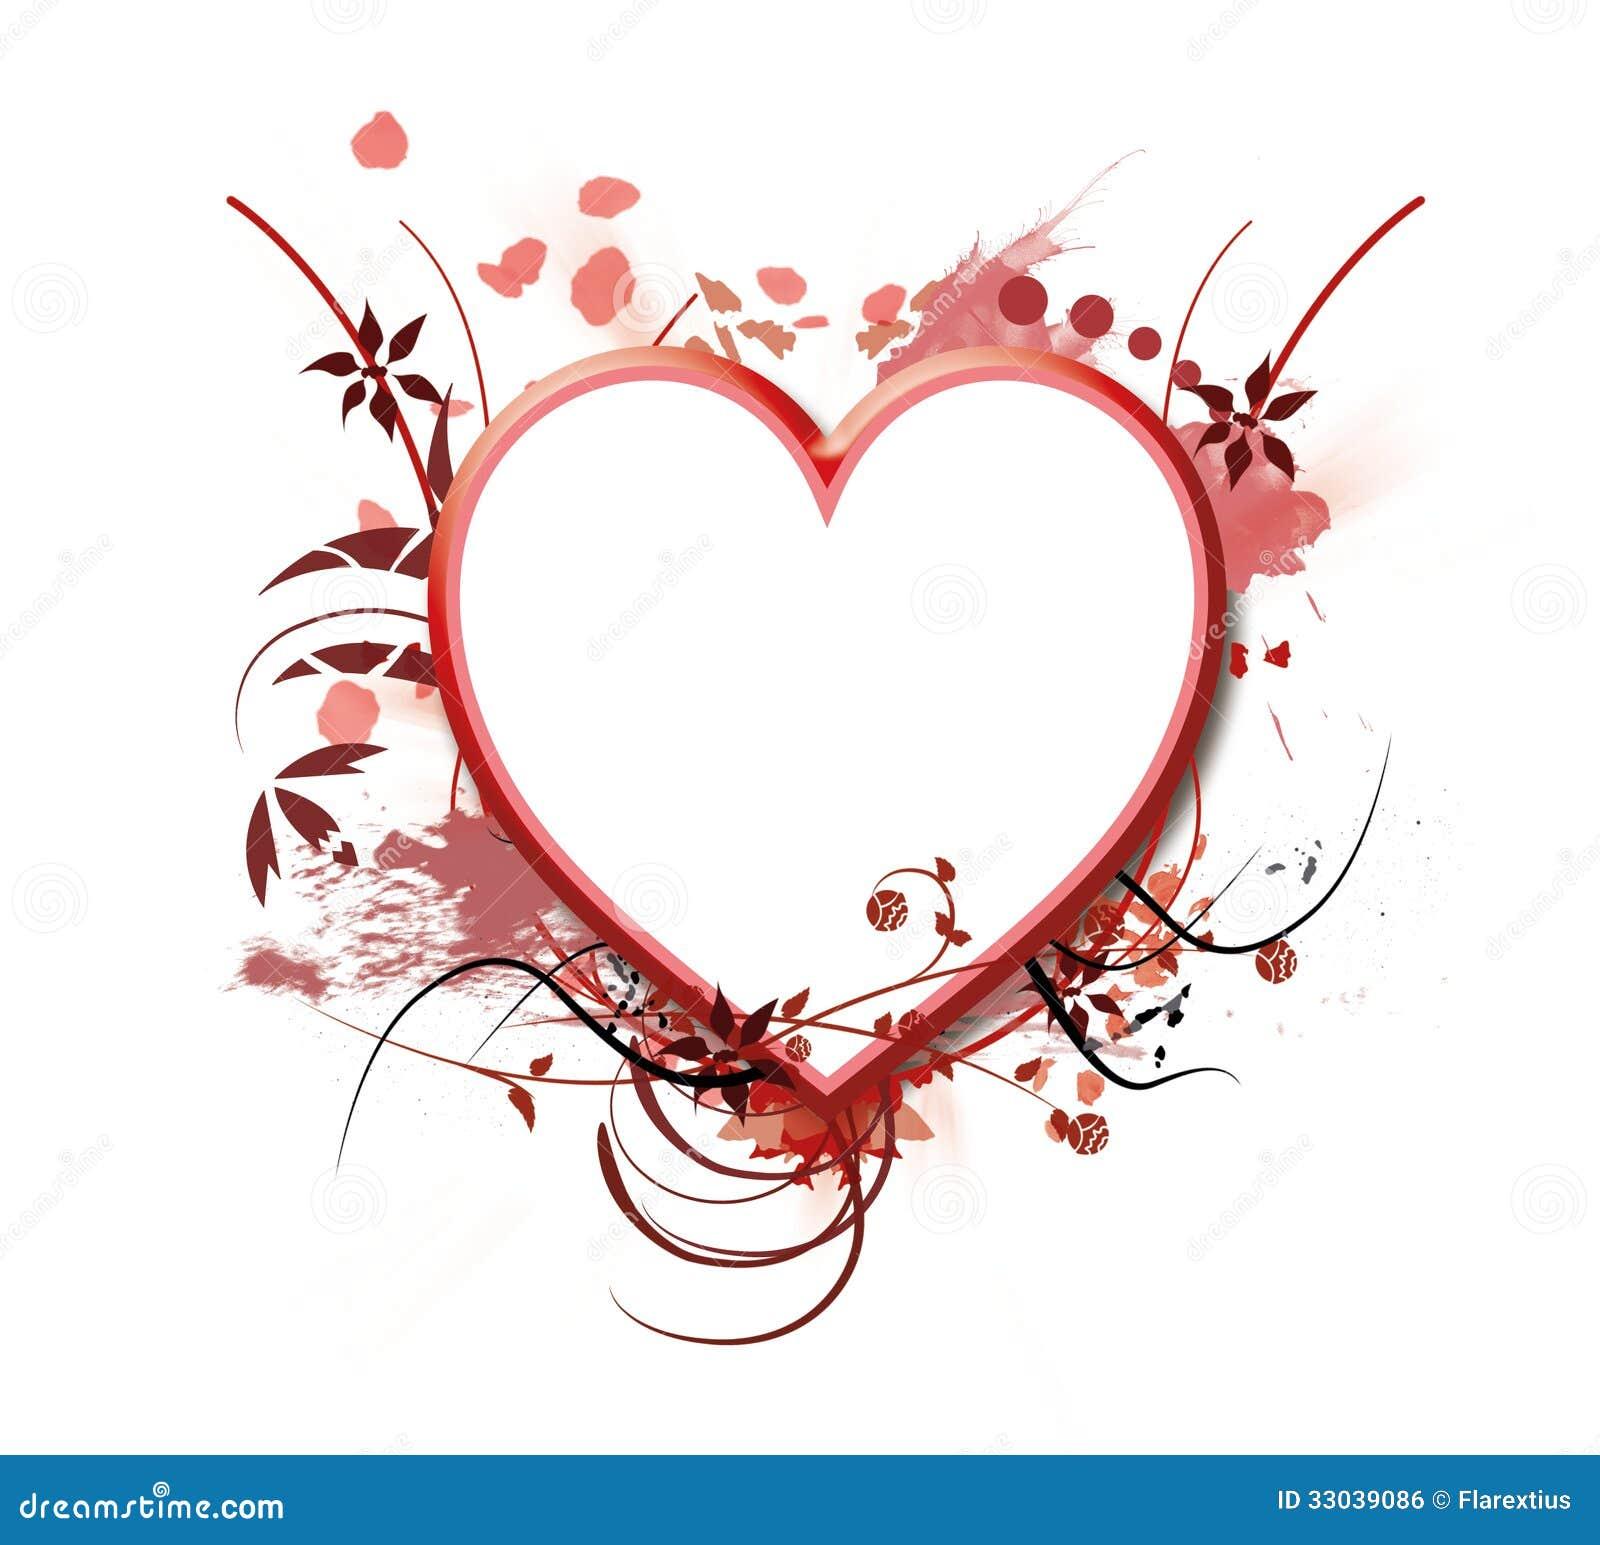 Herzrahmen stock abbildung. Illustration von amor, hintergrund ...